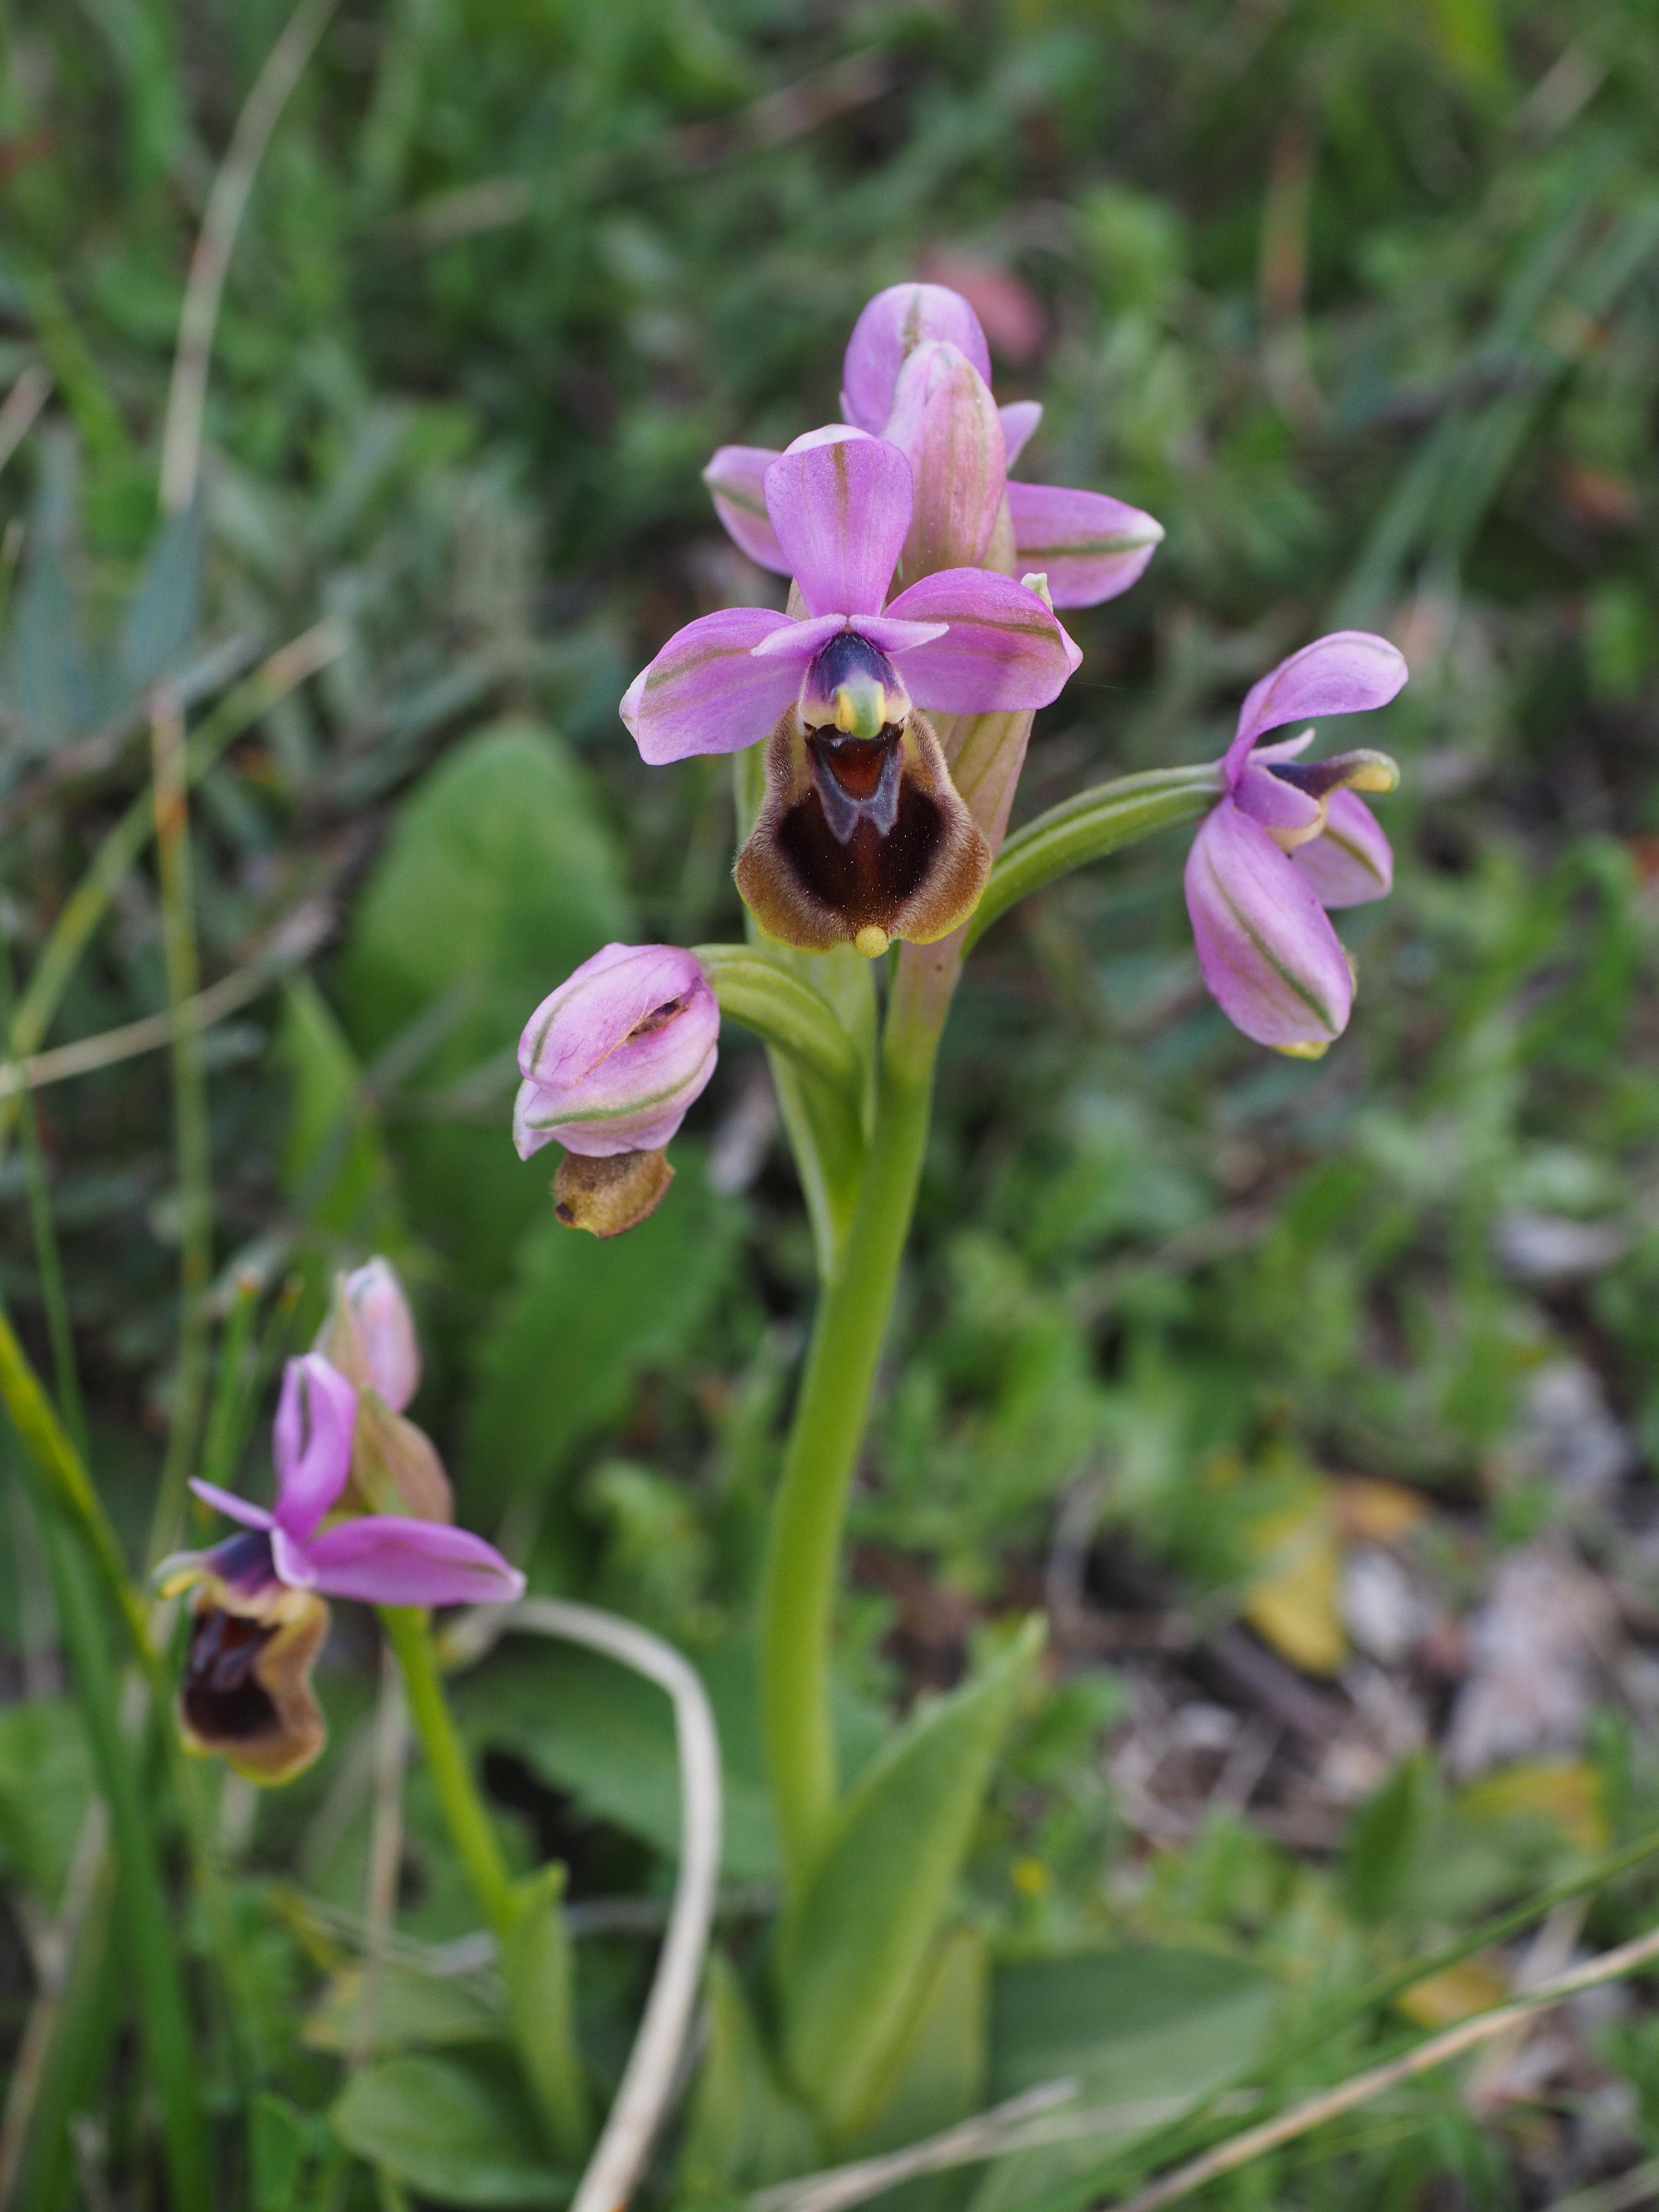 Images Gratuites Fleur Insecte Botanique Flore Tentation